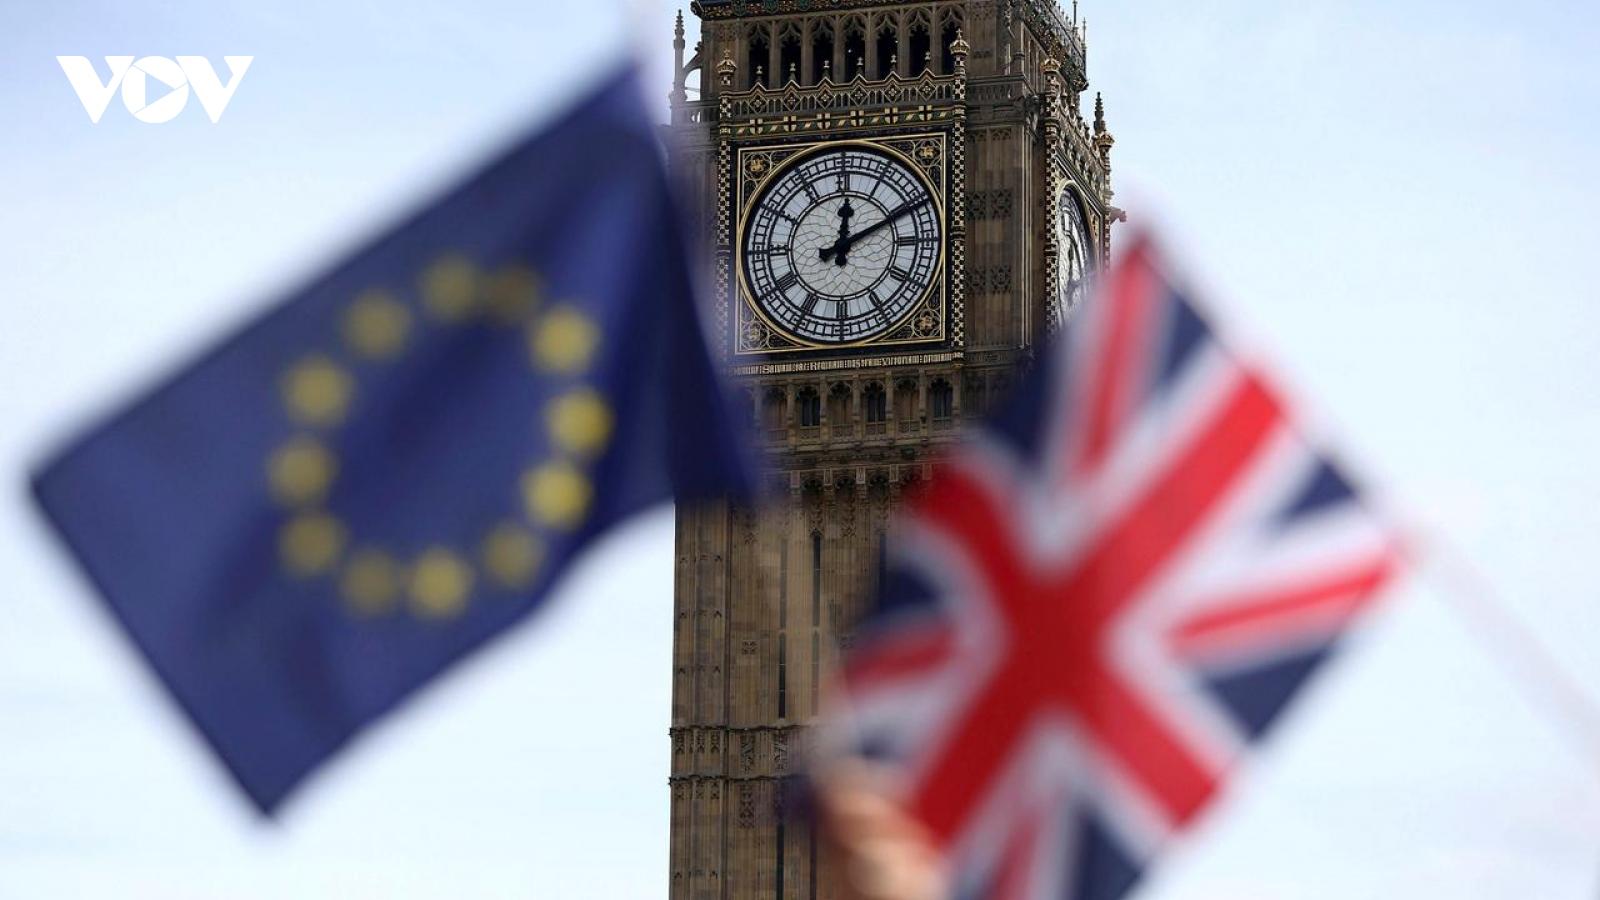 Hạn chót cận kề, Anh – EU không cố gắng đạt thỏa thuận bằng mọi giá